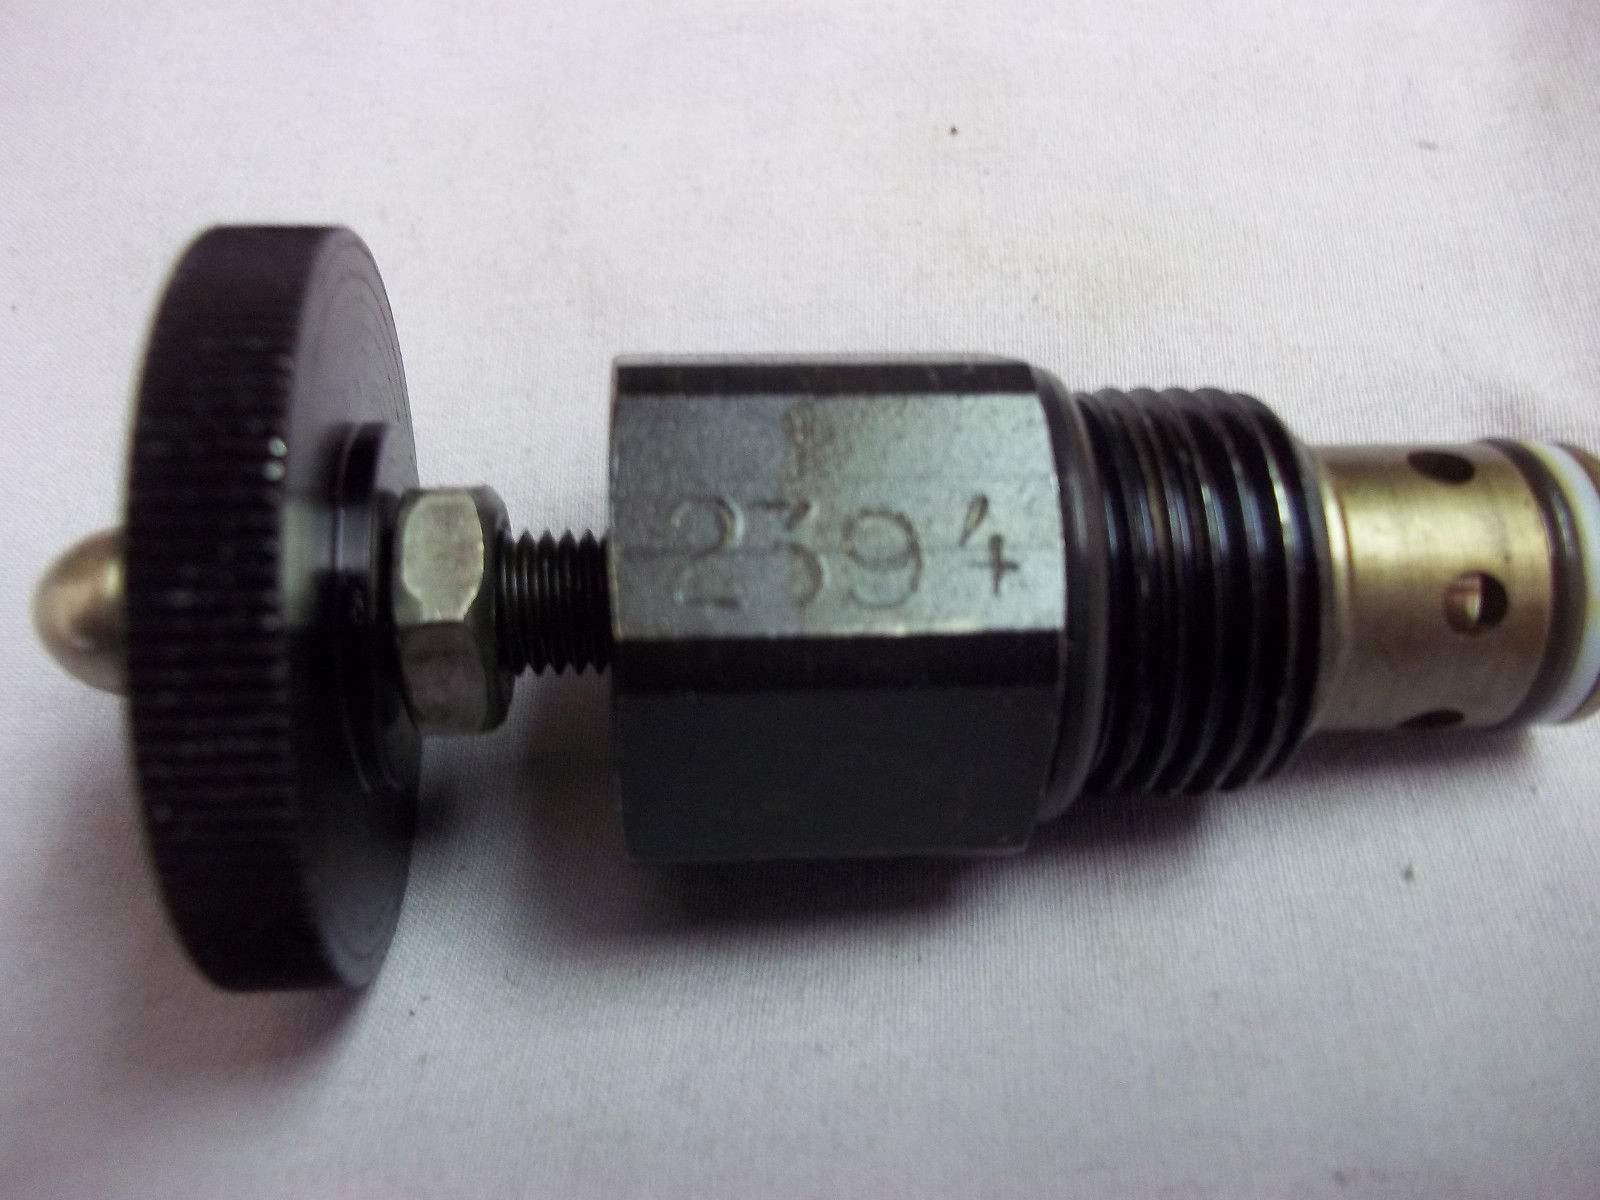 M6 x 16 mm haute résistance 8.8 HT bright zinc plaqué Set Vis Écrous Rondelle PK de 10